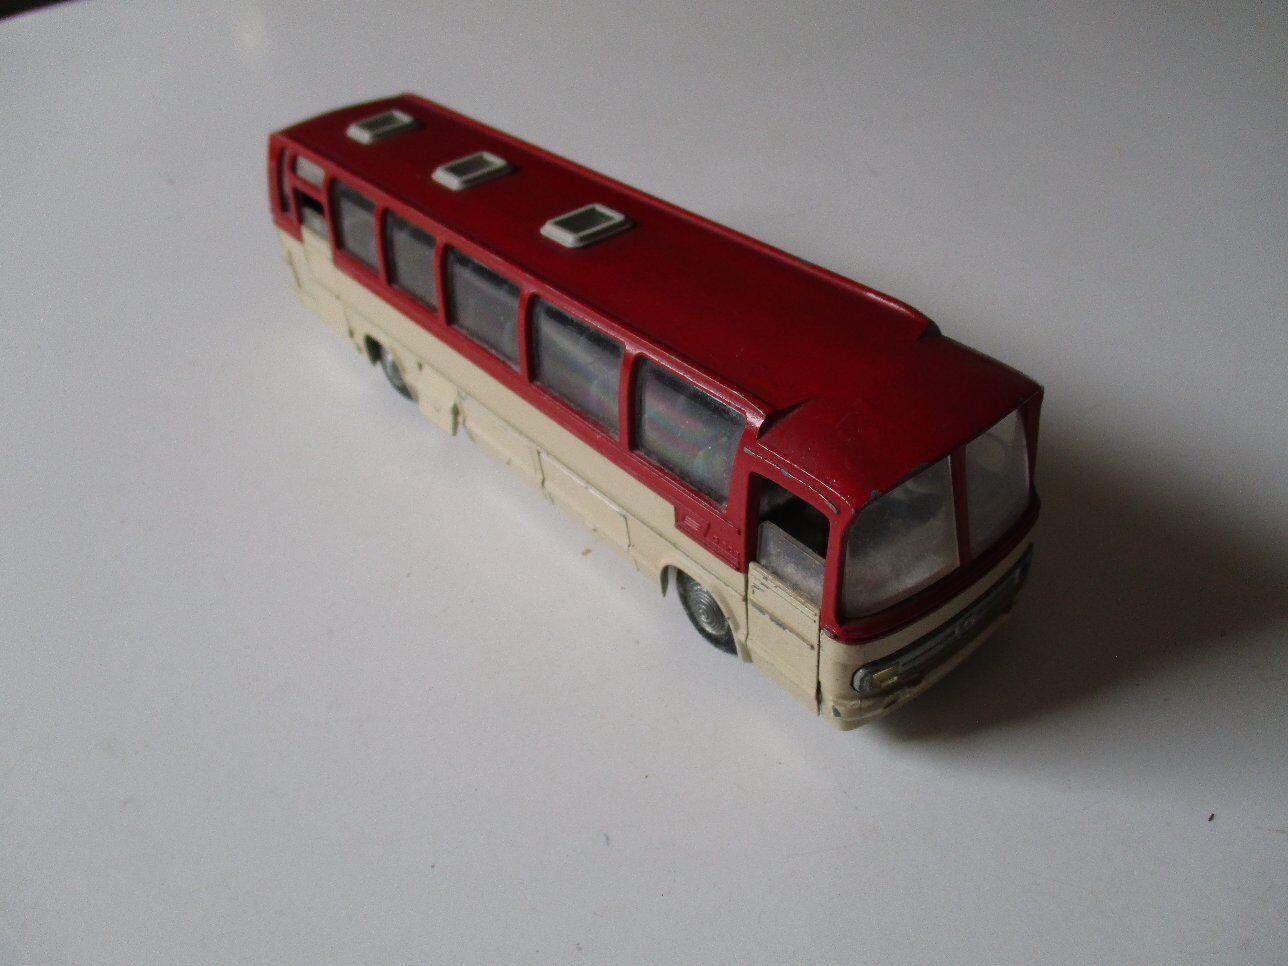 TEKNO Dinamarca modelo coches autobuses Mercedes-Benz O 302 rojo blancoo blancoo blancoo 19 cm 60 de 70 de57a7